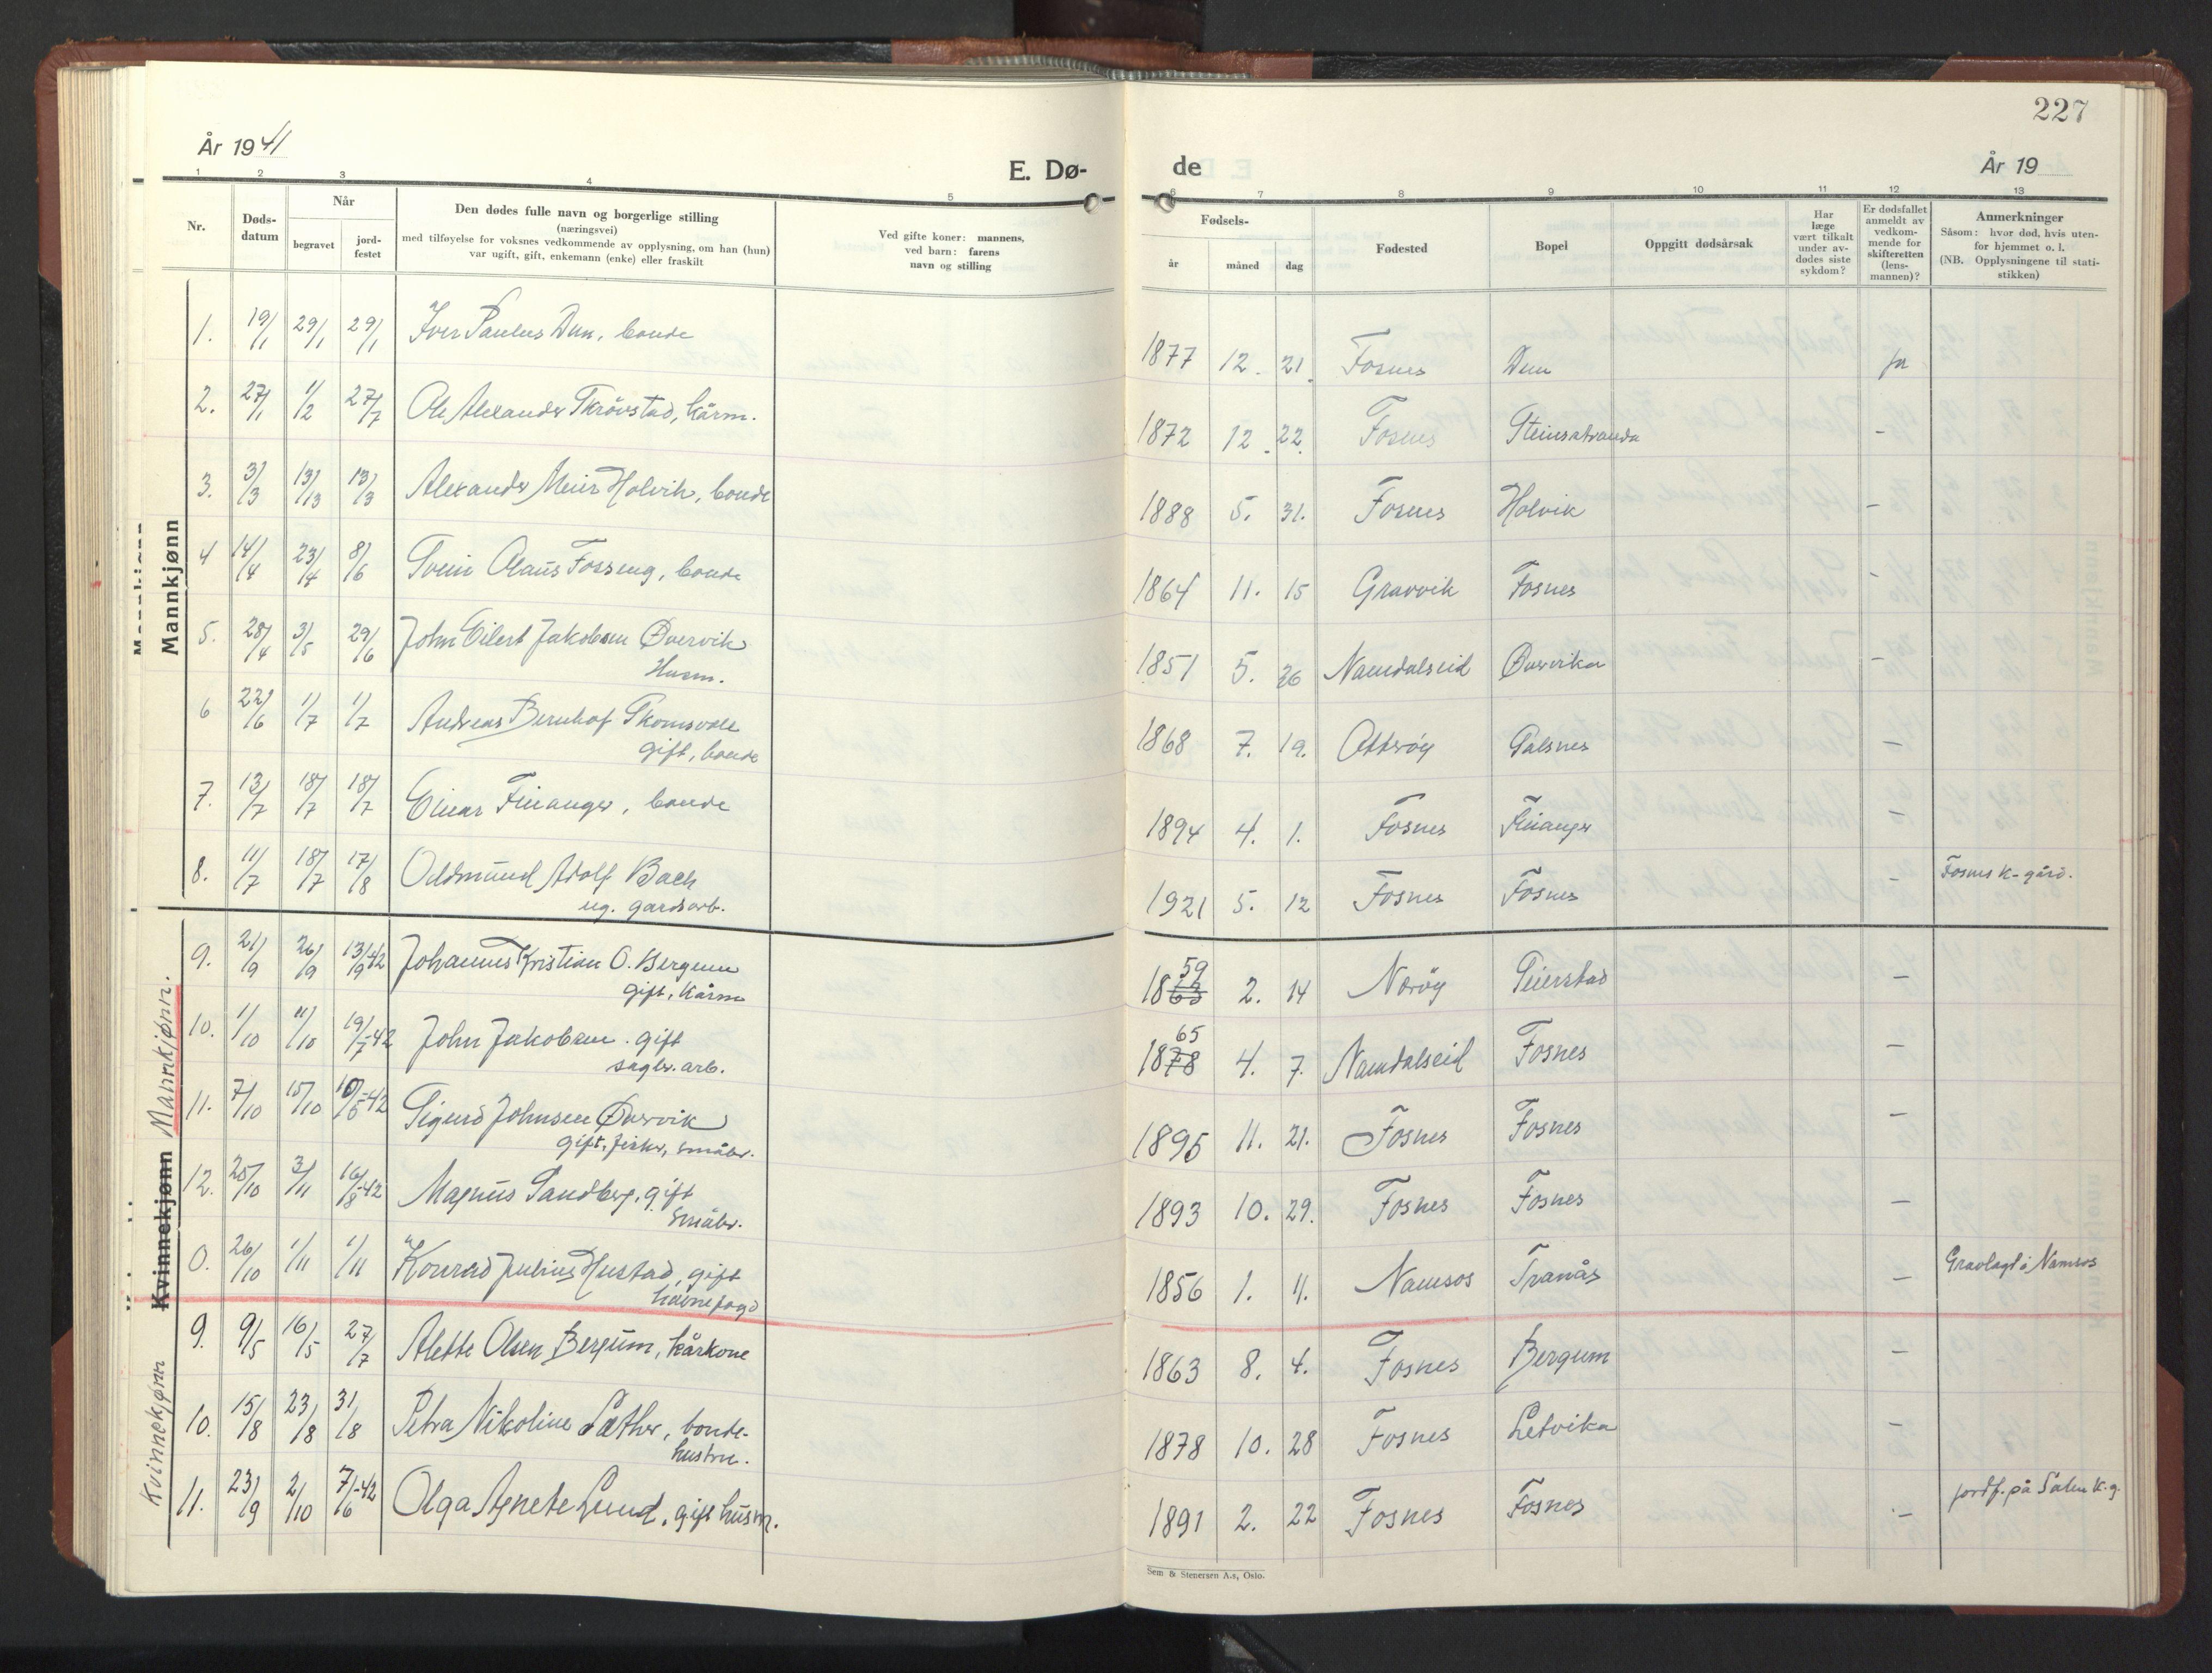 SAT, Ministerialprotokoller, klokkerbøker og fødselsregistre - Nord-Trøndelag, 773/L0625: Klokkerbok nr. 773C01, 1910-1952, s. 227